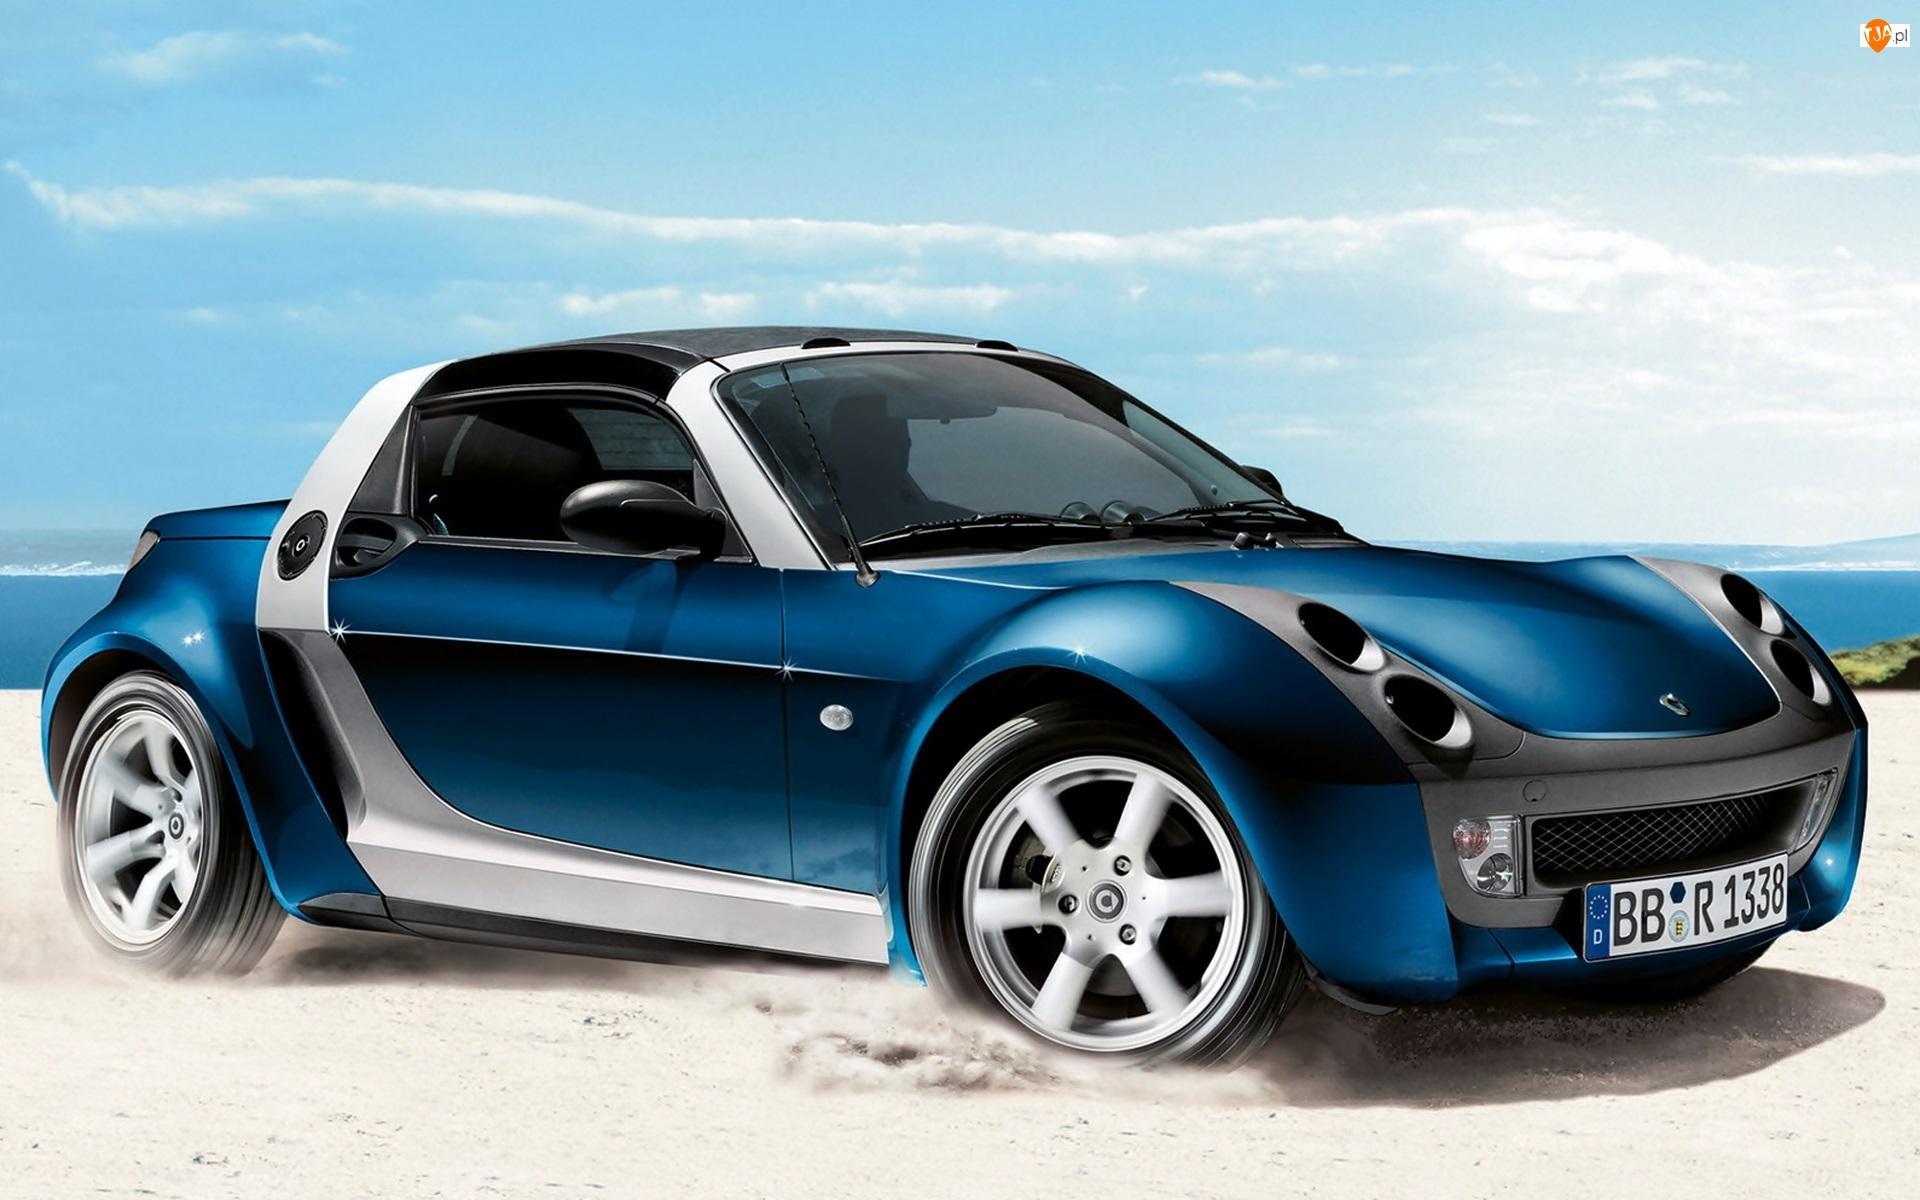 Smart Roadster Bluestar, Morze, 2005, Piasek